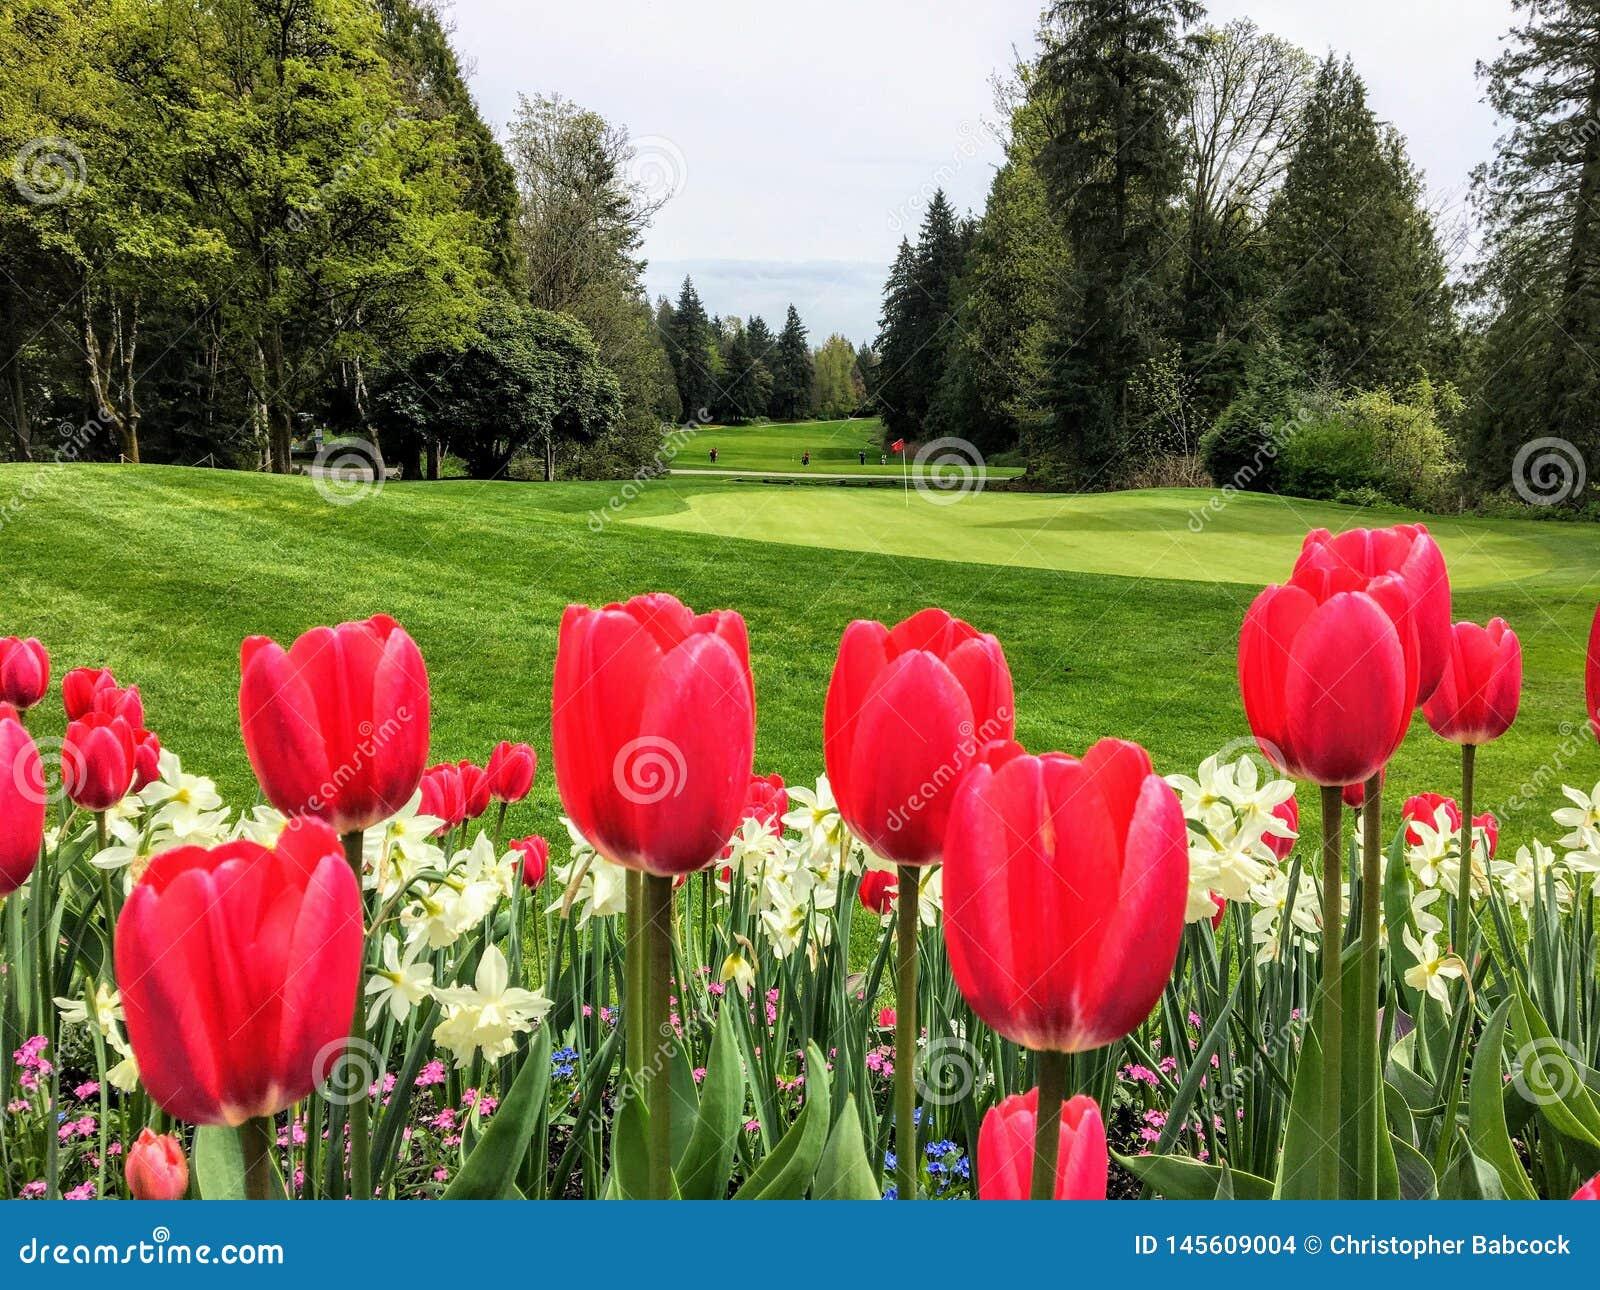 Piękny widok pole golfowe z zielenią otaczającą wiecznozielonym lasem w tle i ogród czerwoni tulipany,